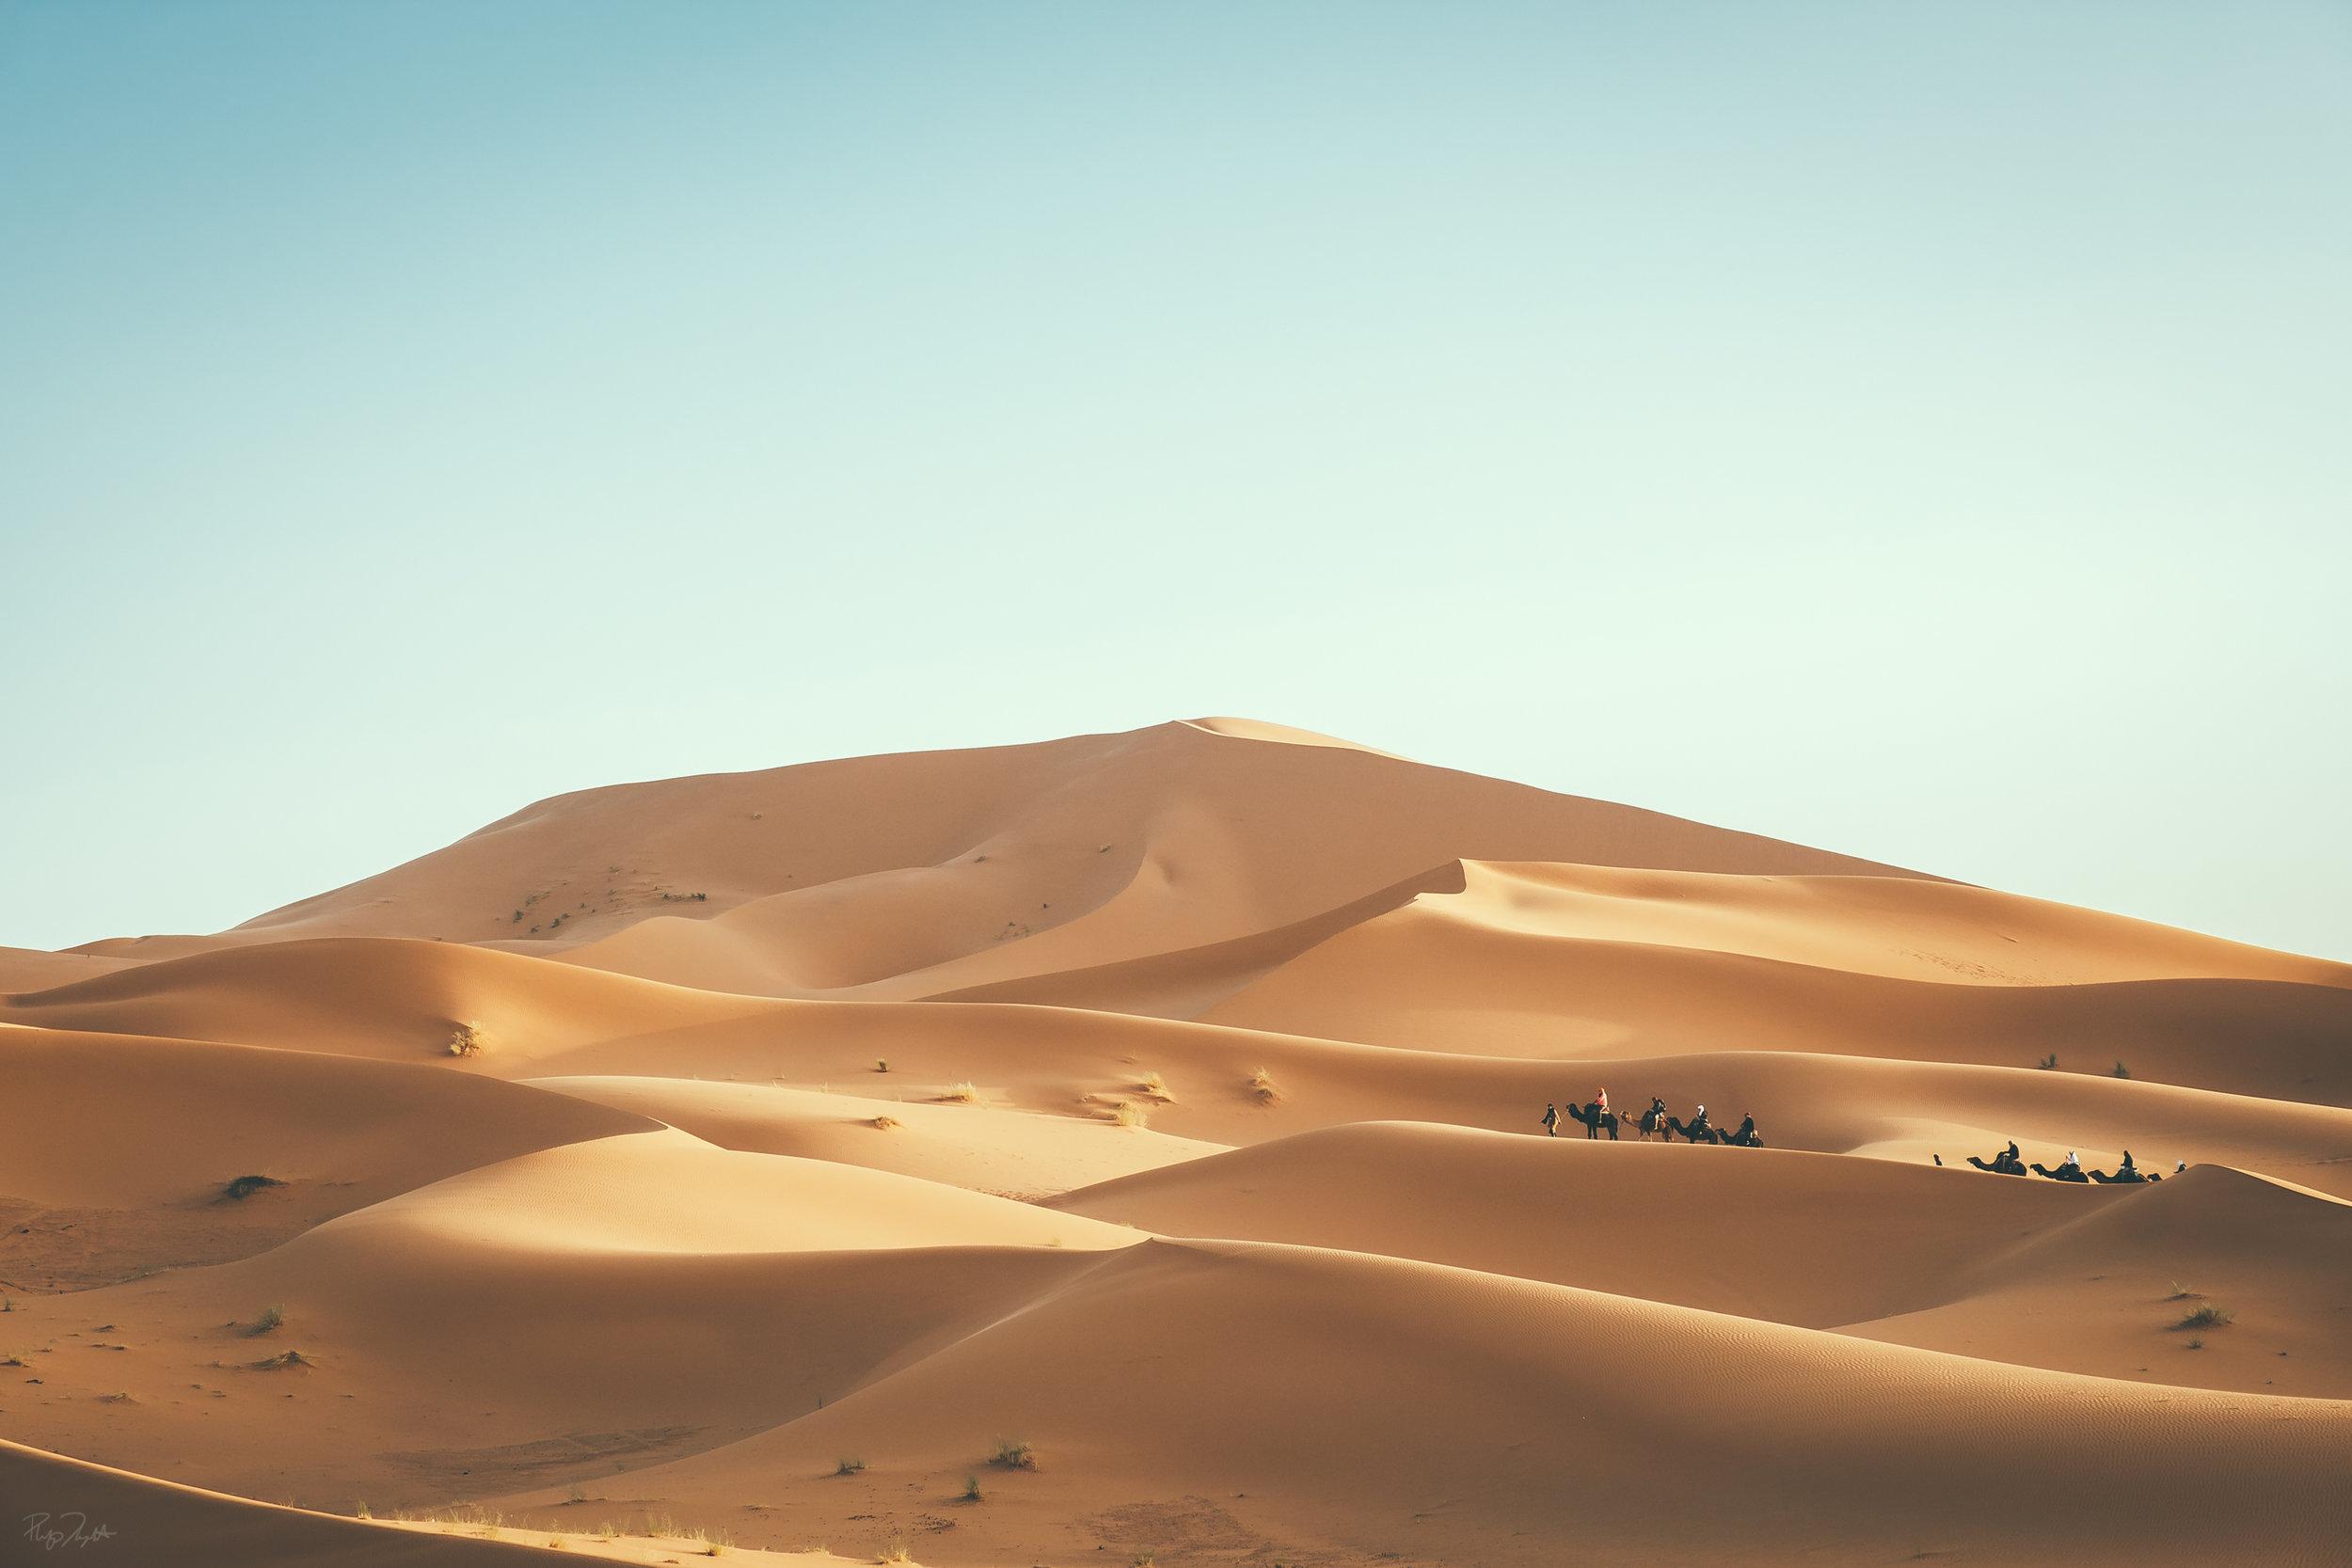 SAHARA_DESERT_01.jpg